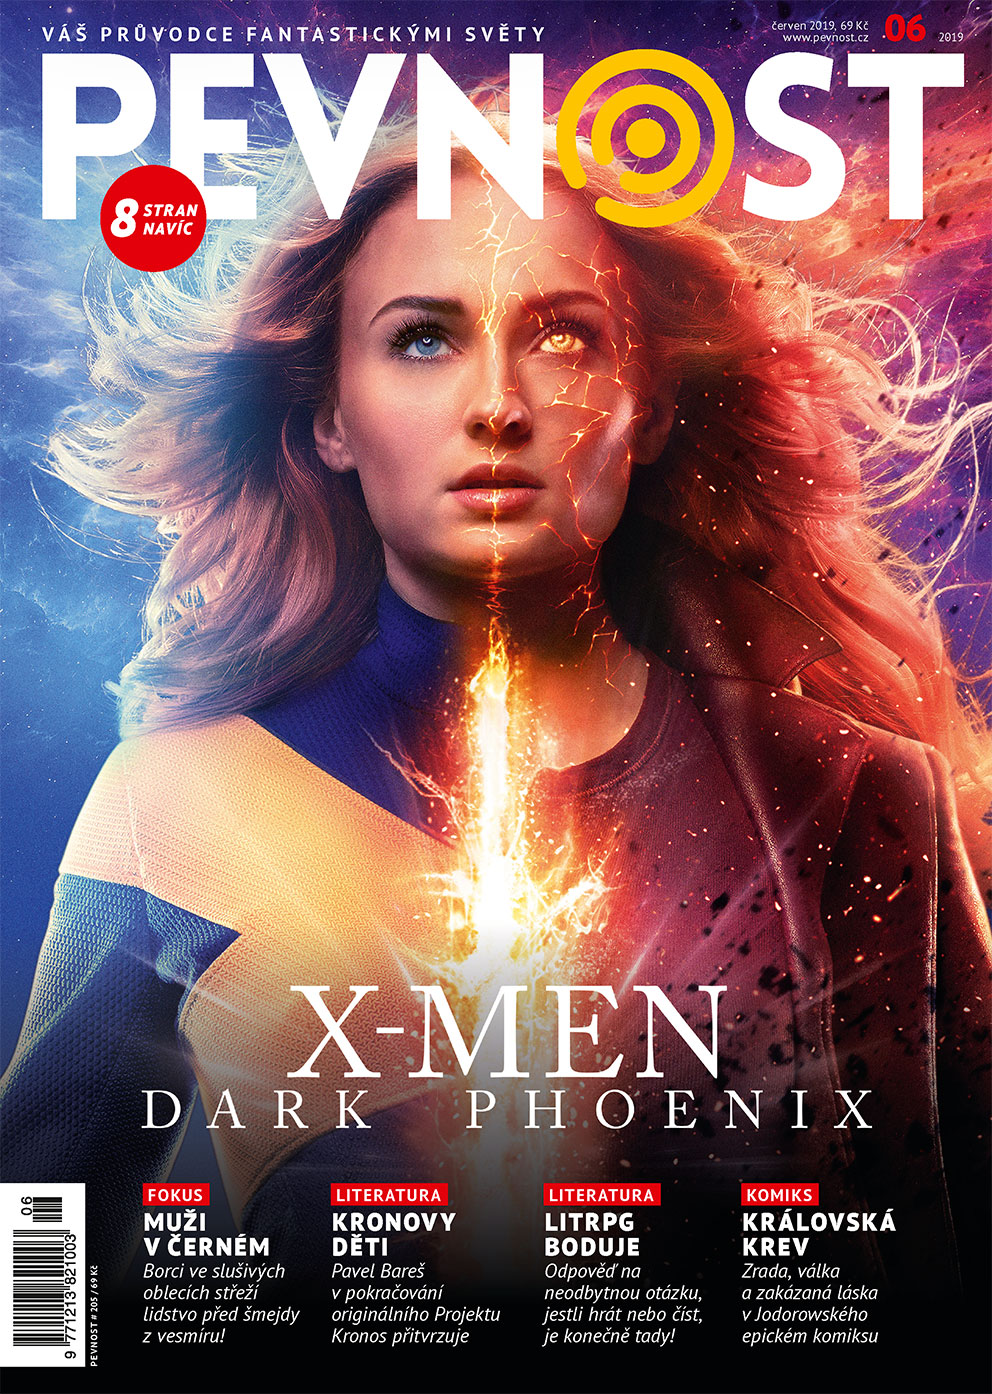 Na křídlech temného fénixe zavítá nová Pevnost do světa X-menů. Stihneme toho ale pochopitelně víc. A dokonce nahodíme antracitovou vázanku. Co taky jiného čekat od pevnostních dam a mužů v černém!